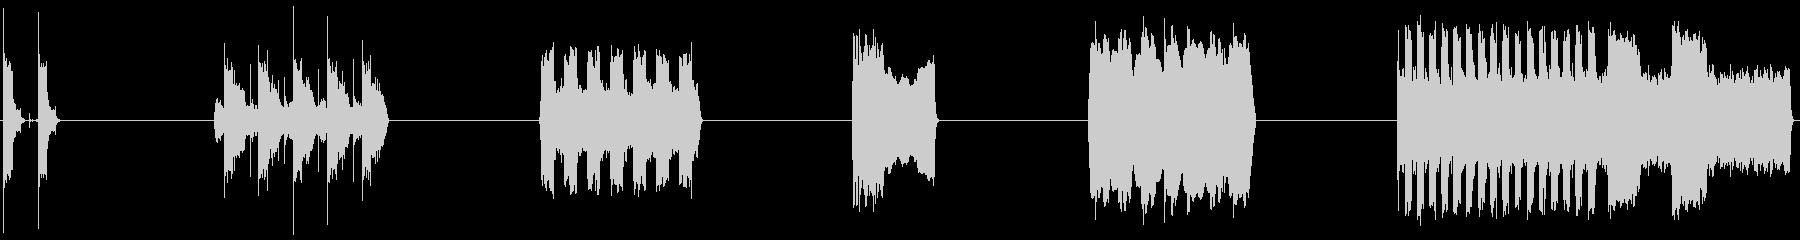 ショートシグナル、6バージョン、シ...の未再生の波形